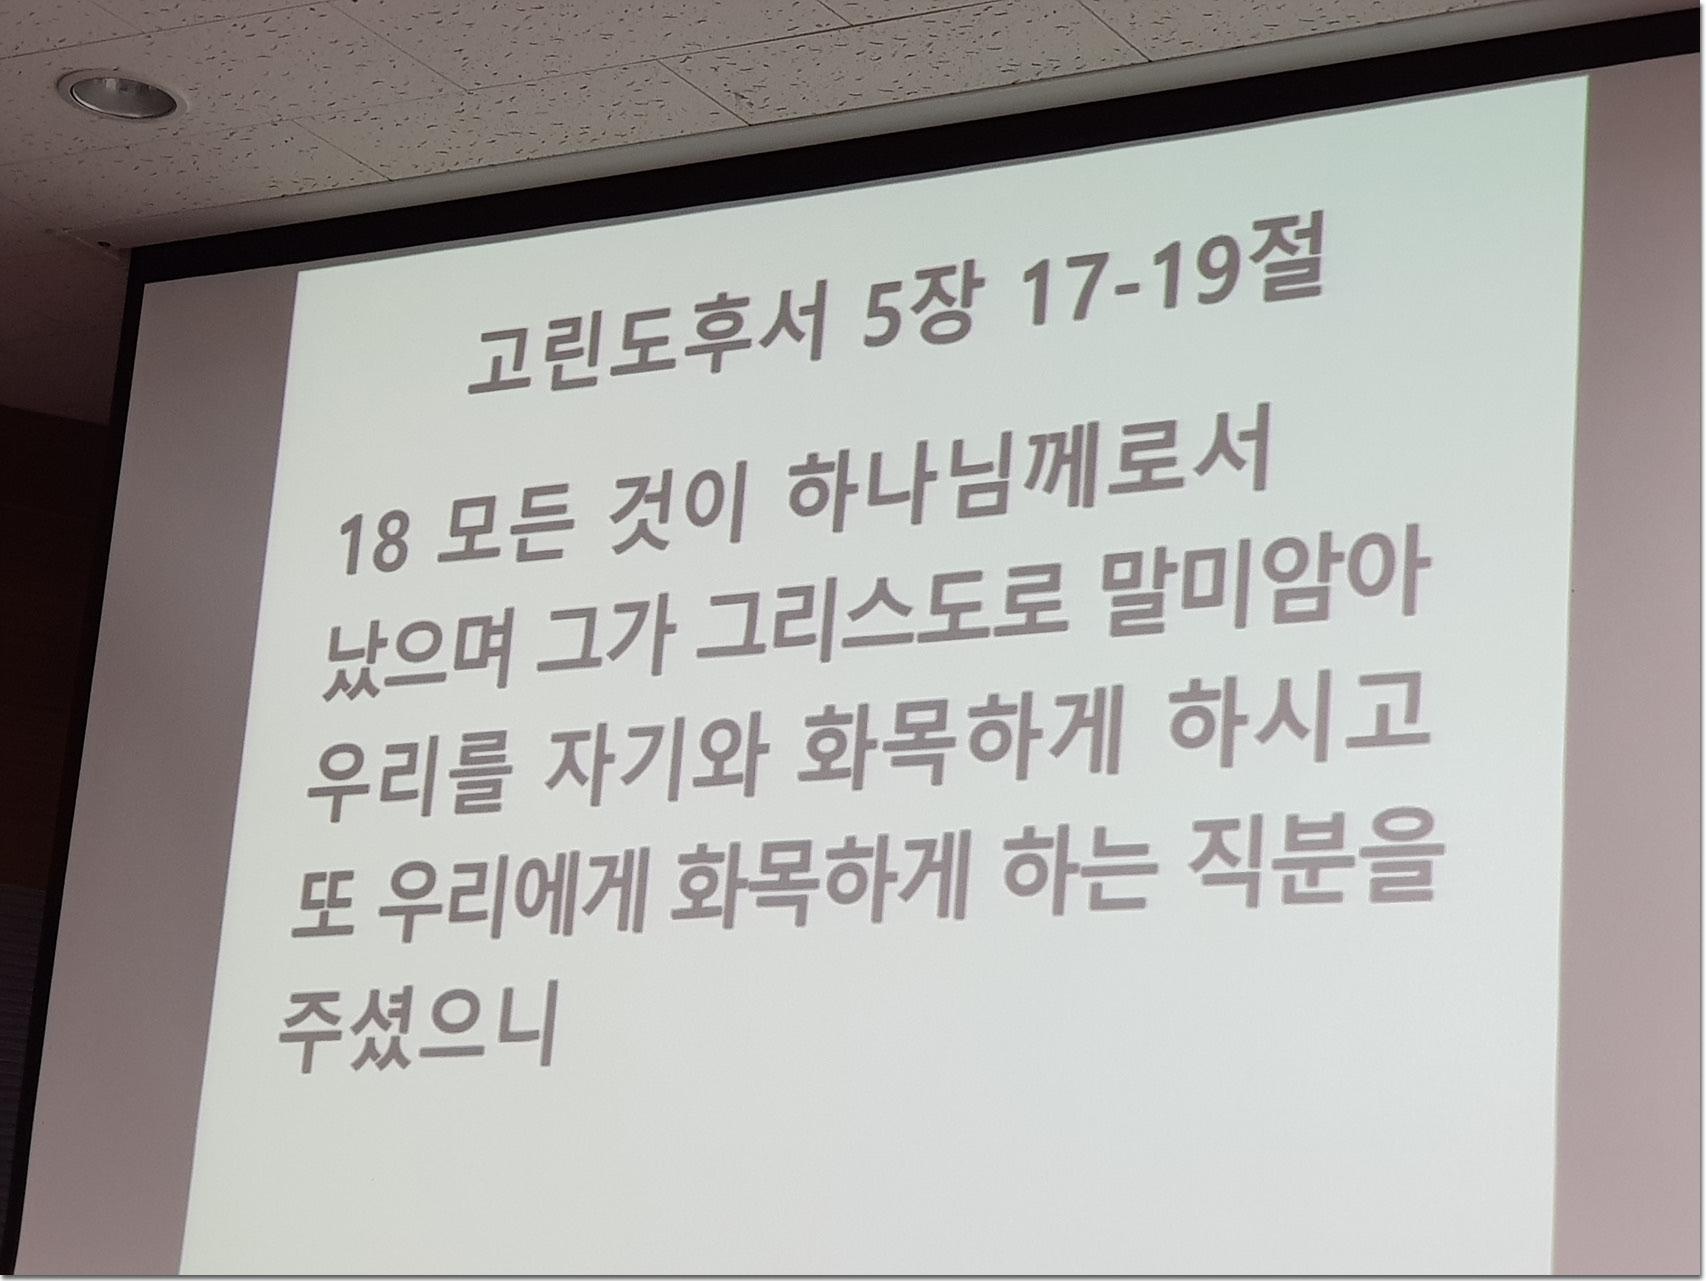 20190102_103911.jpg